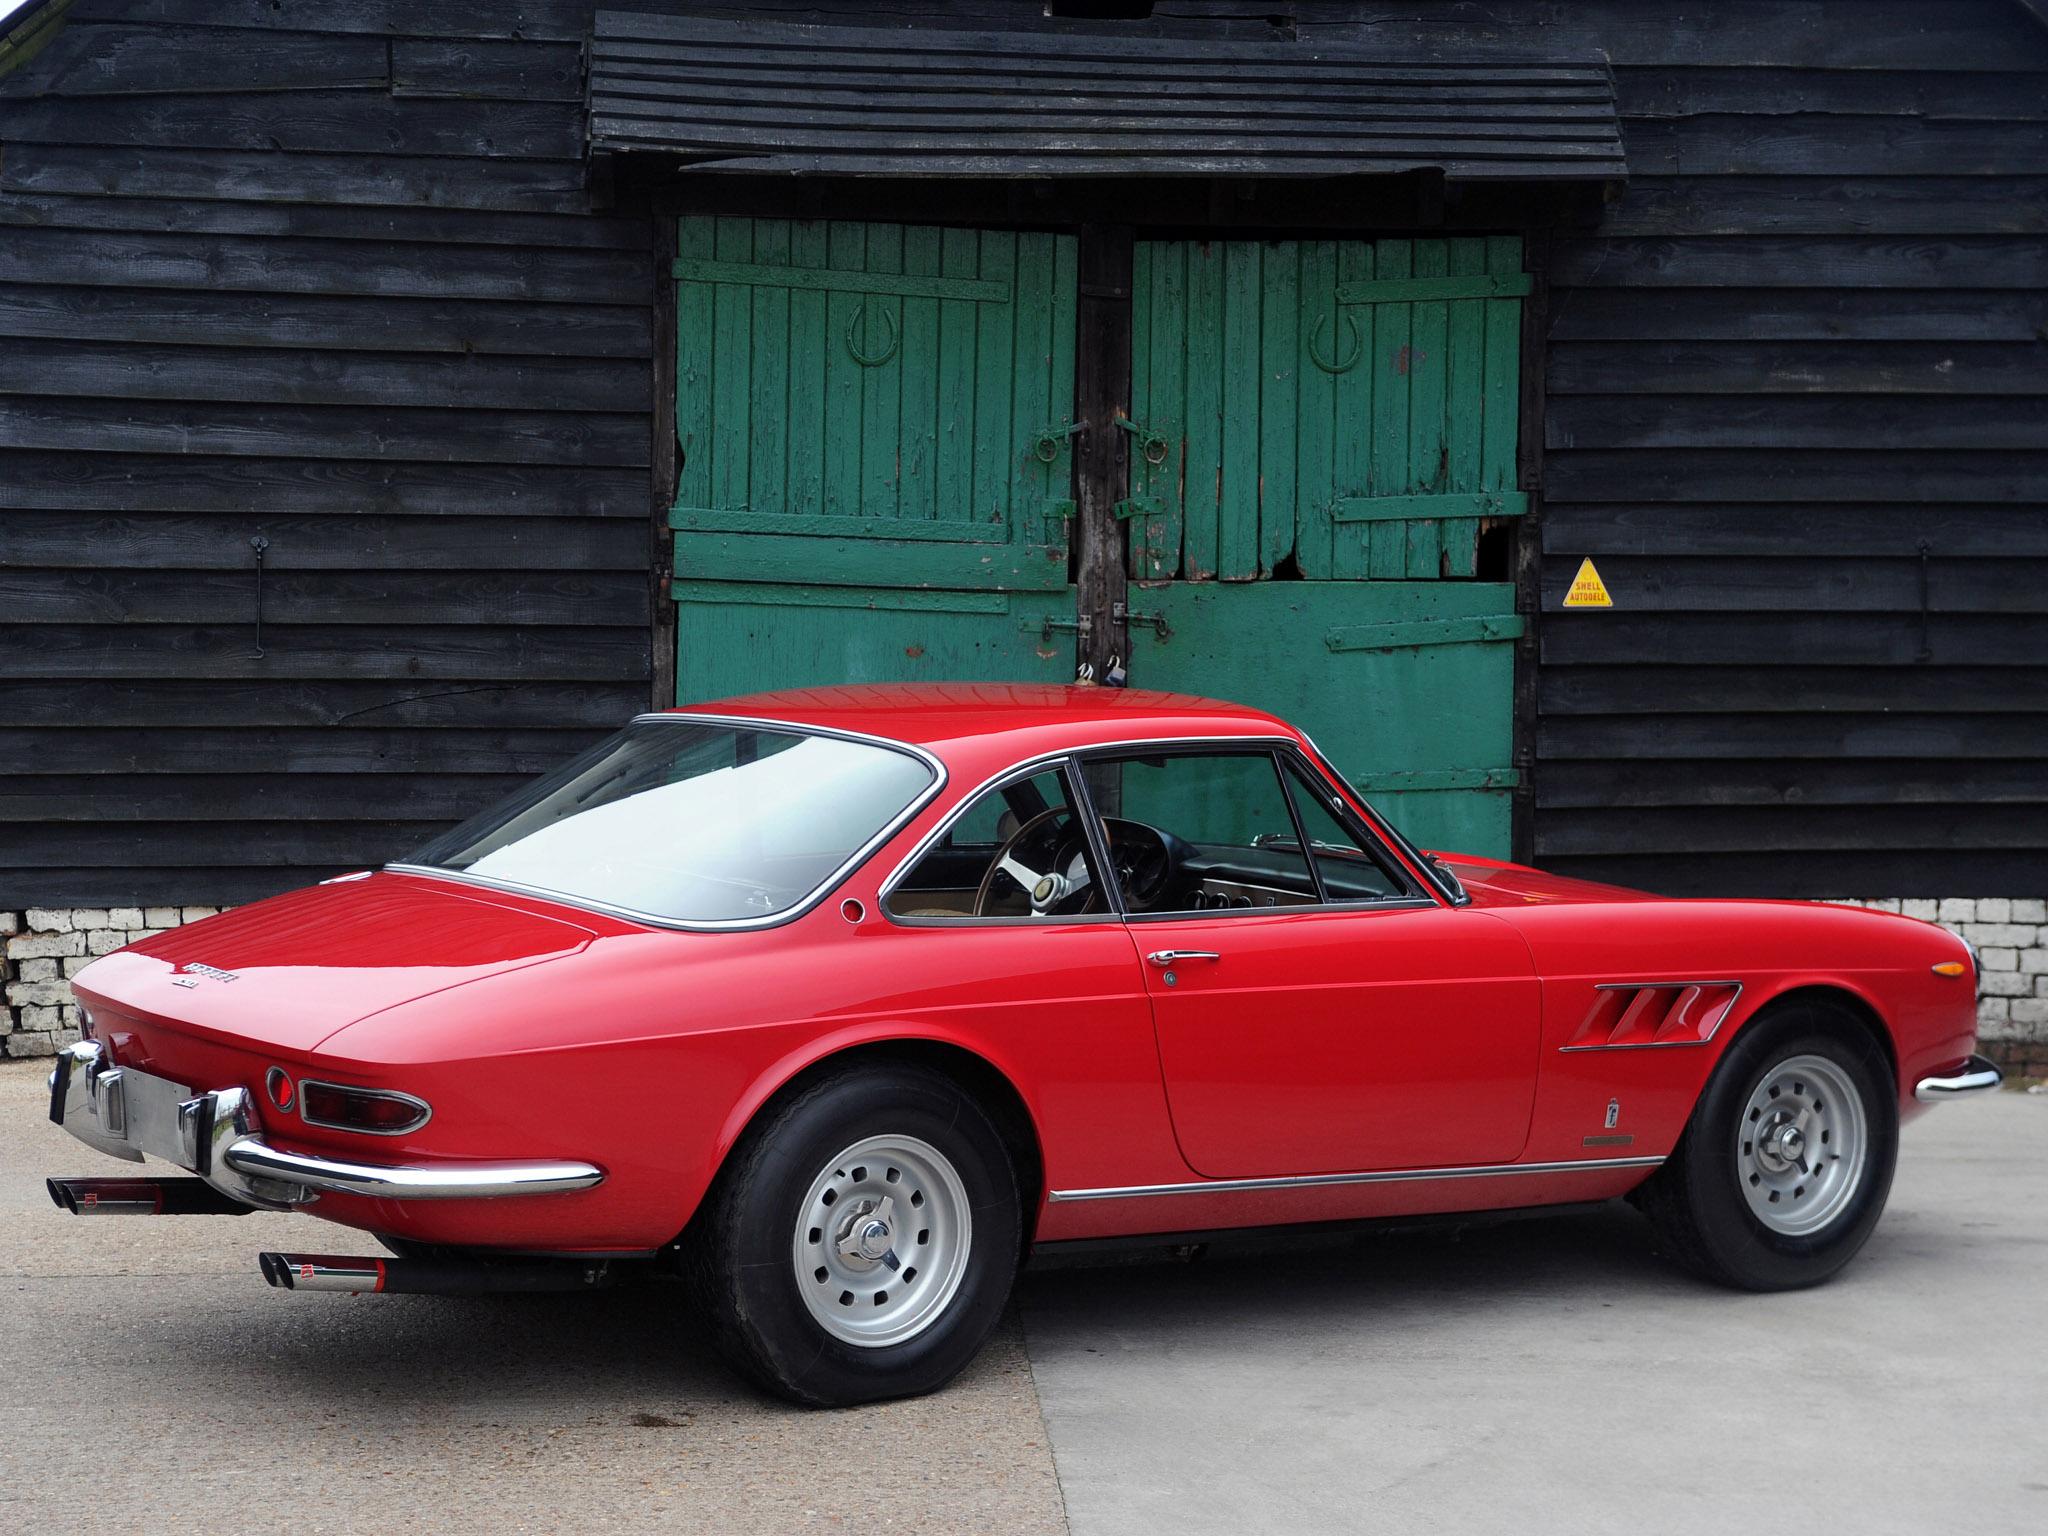 Ferrari 330 Gtc 1966 1968 Ferrari 330 Gtc 1966 1968 Photo